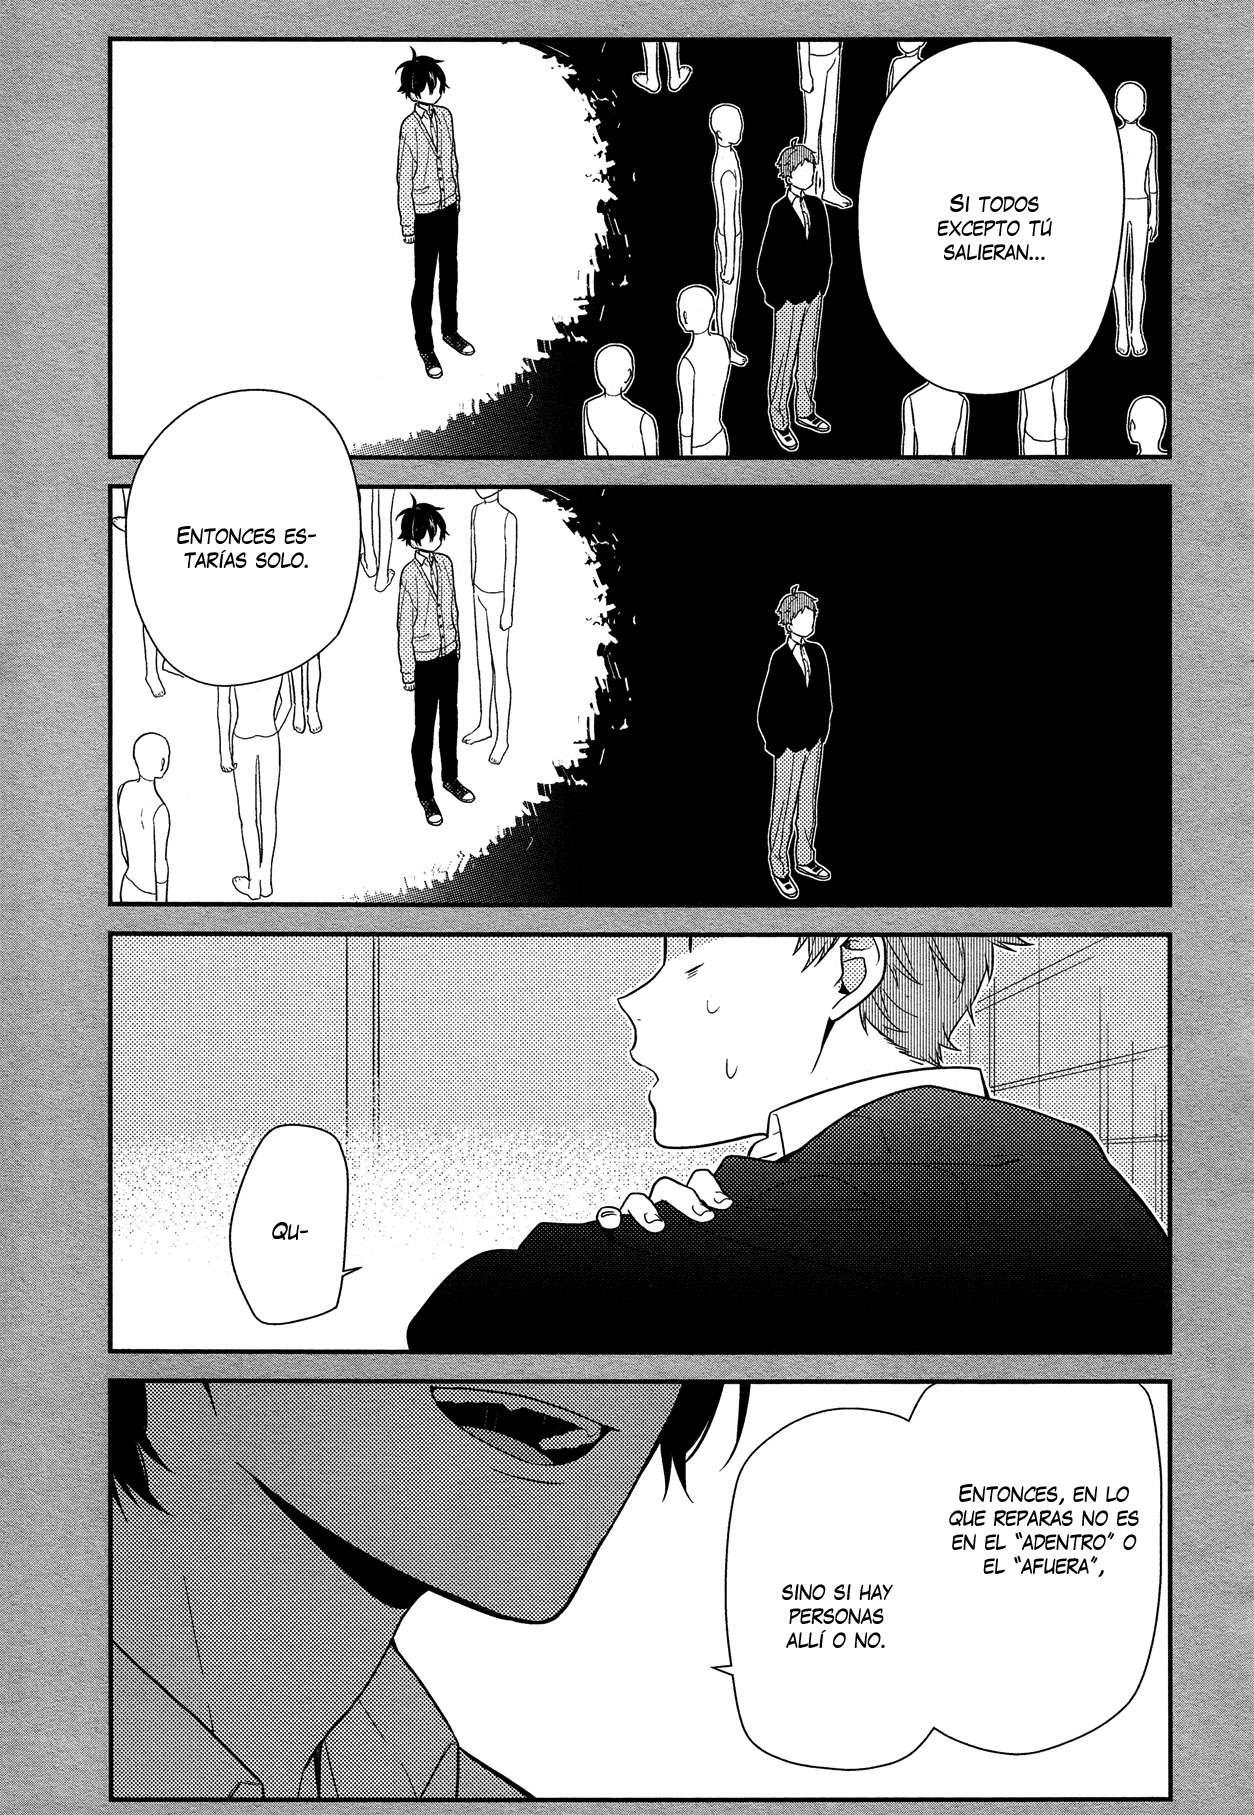 http://c5.ninemanga.com/es_manga/19/1043/417194/c9513b89892fb5a2667053143887285a.jpg Page 10